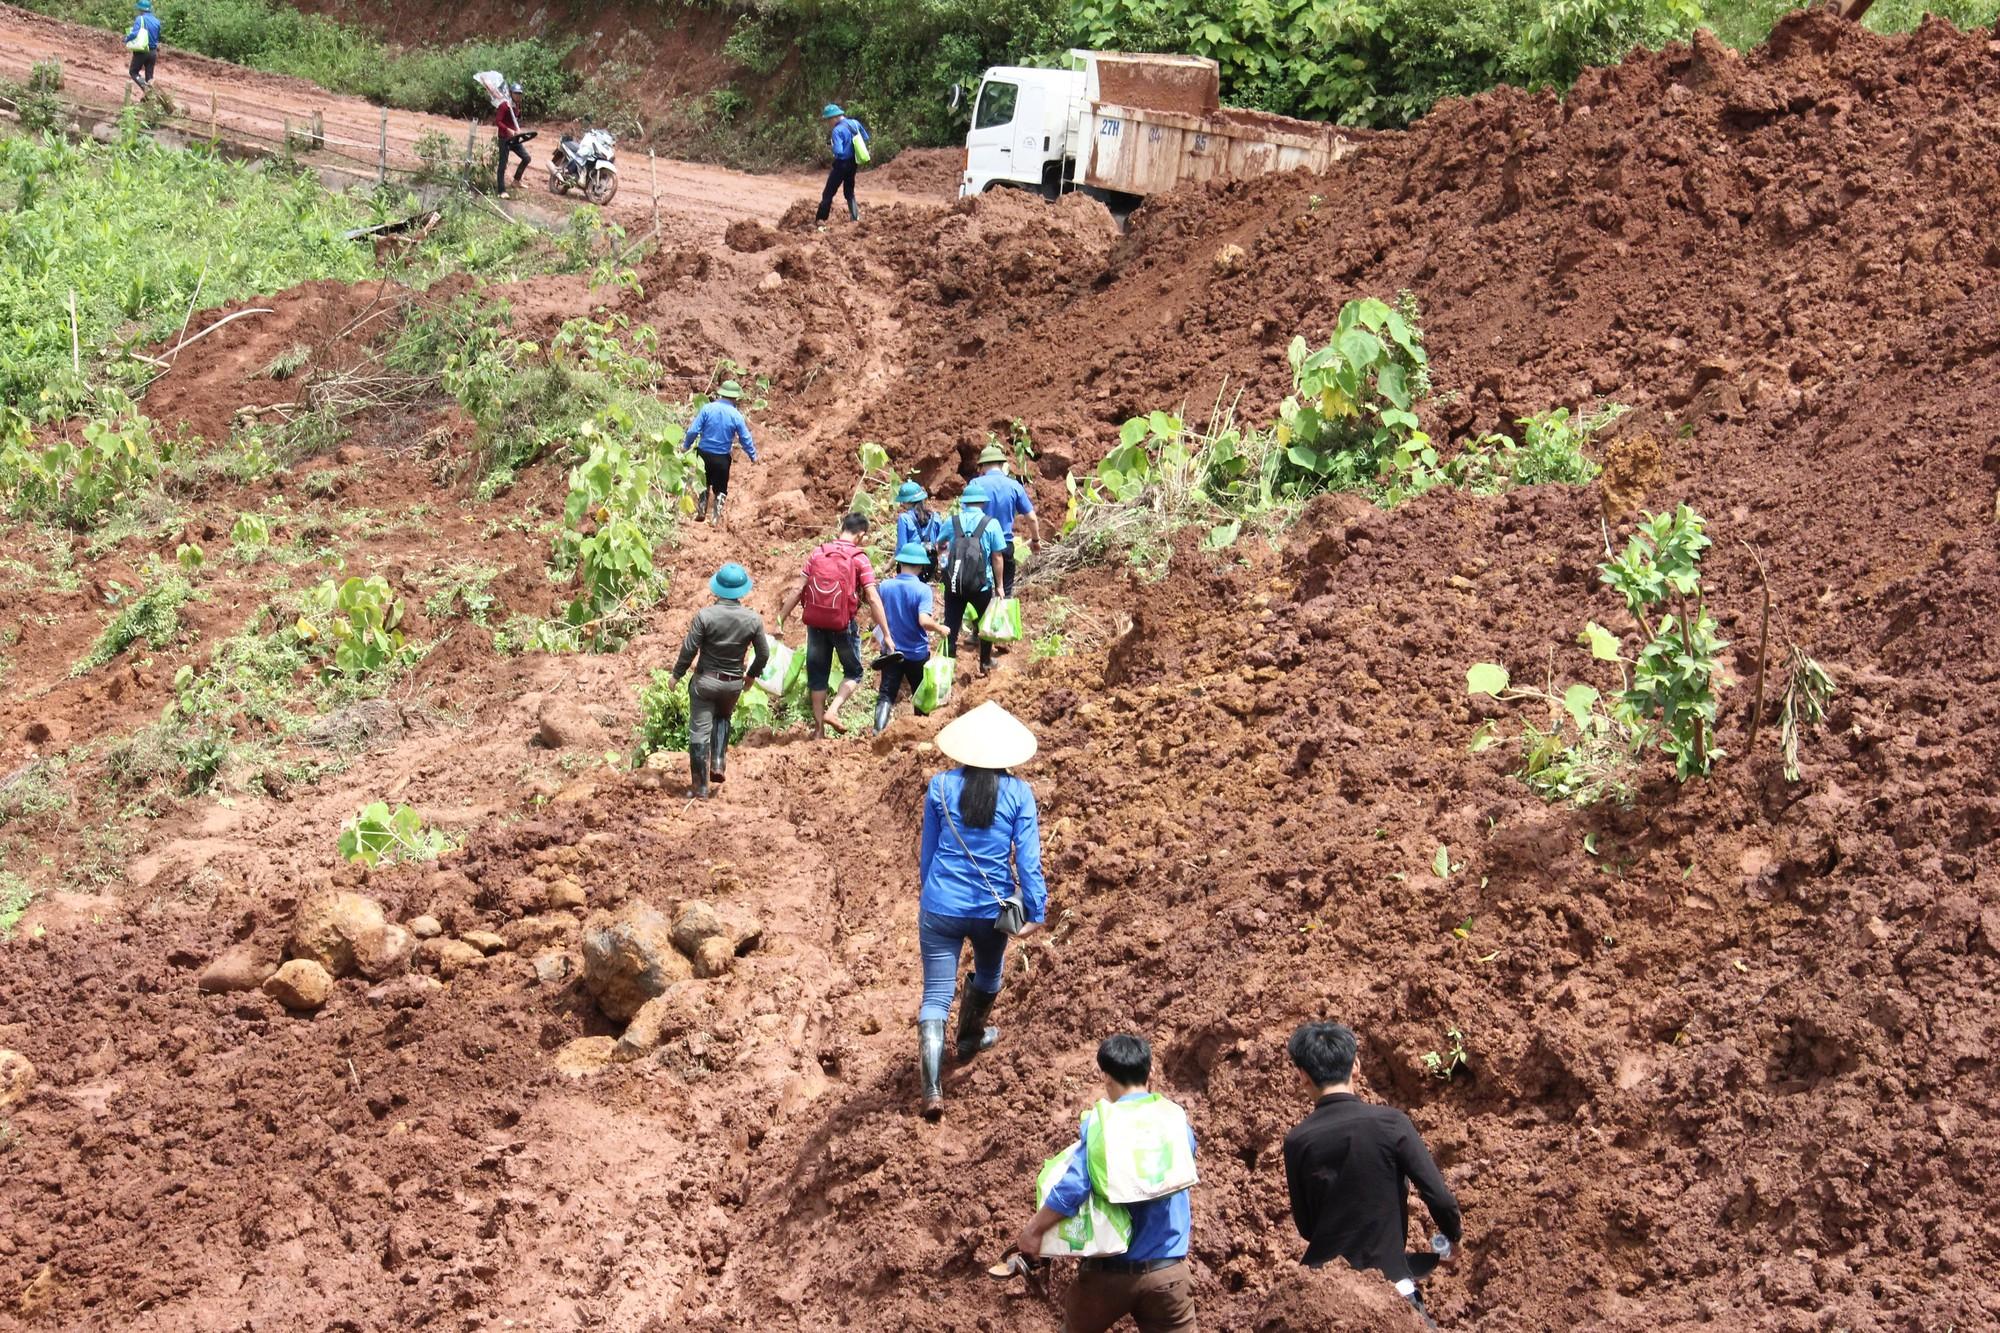 Trung ương Đoàn, Trung ương Hội chung tay hỗ trợ bà con nhân dân Lai Châu vượt qua lũ lụt - Ảnh 2.